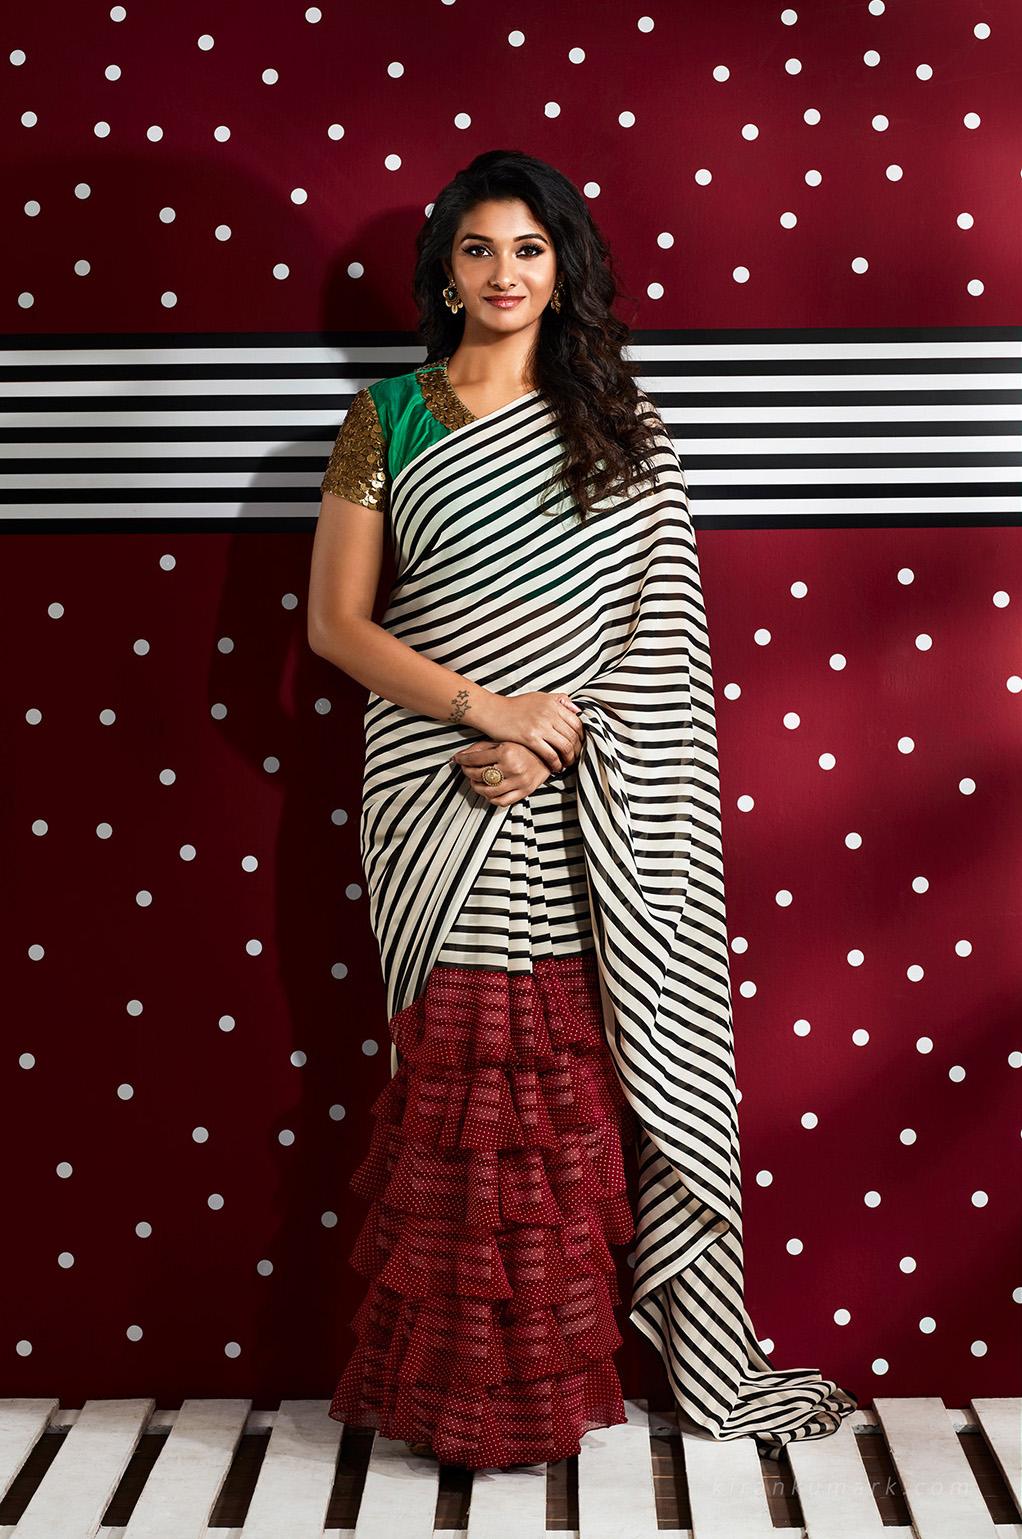 Priya Bhavani Shankar photoshoot stills by Kiran Kumar K